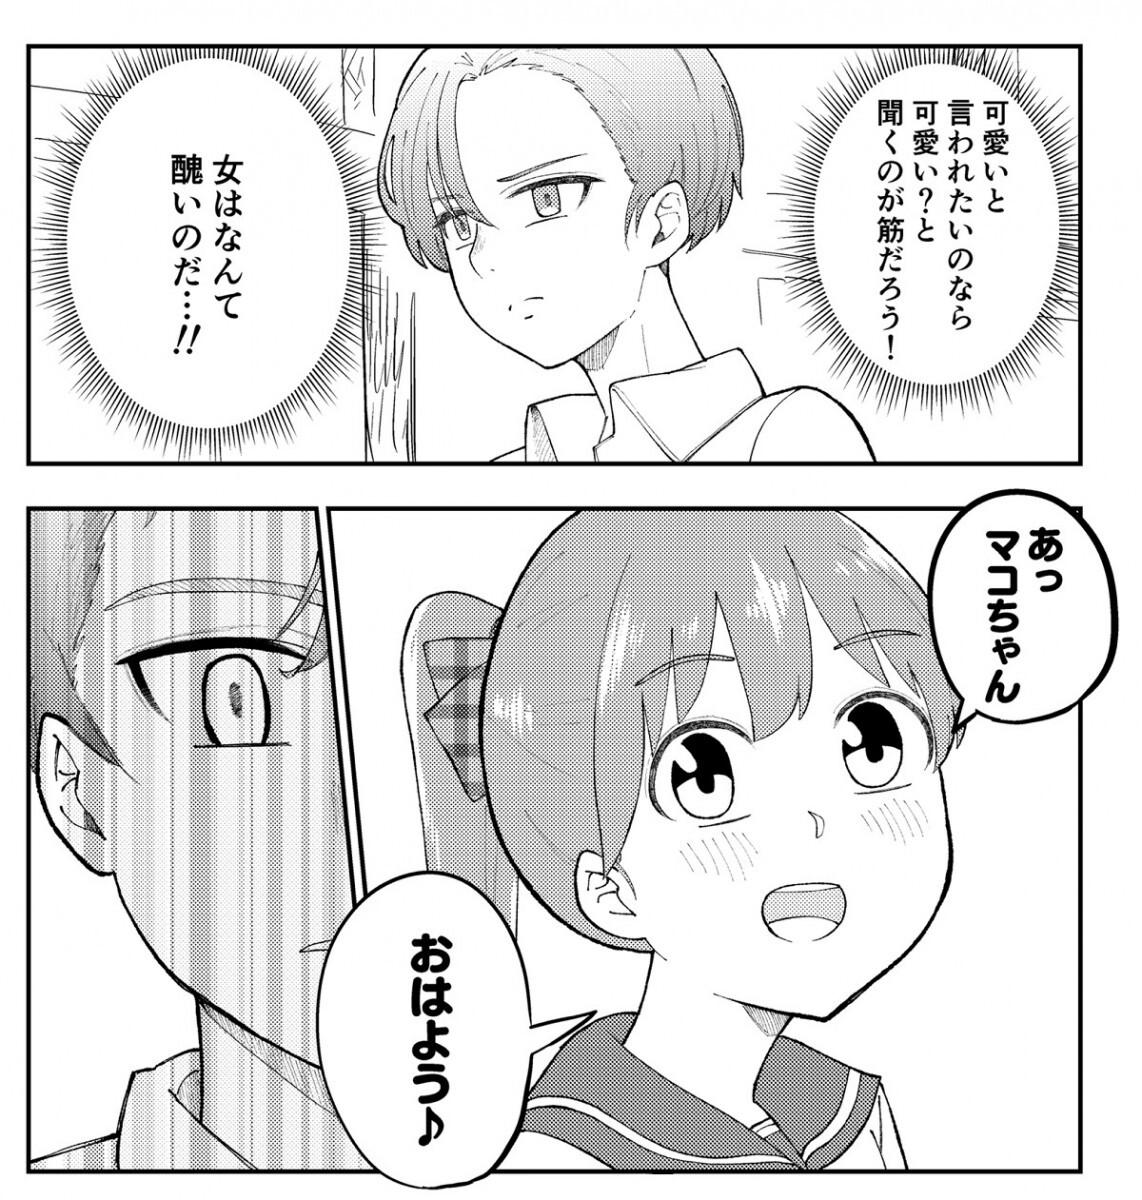 の クラス 田中 さん 怖い メイト は